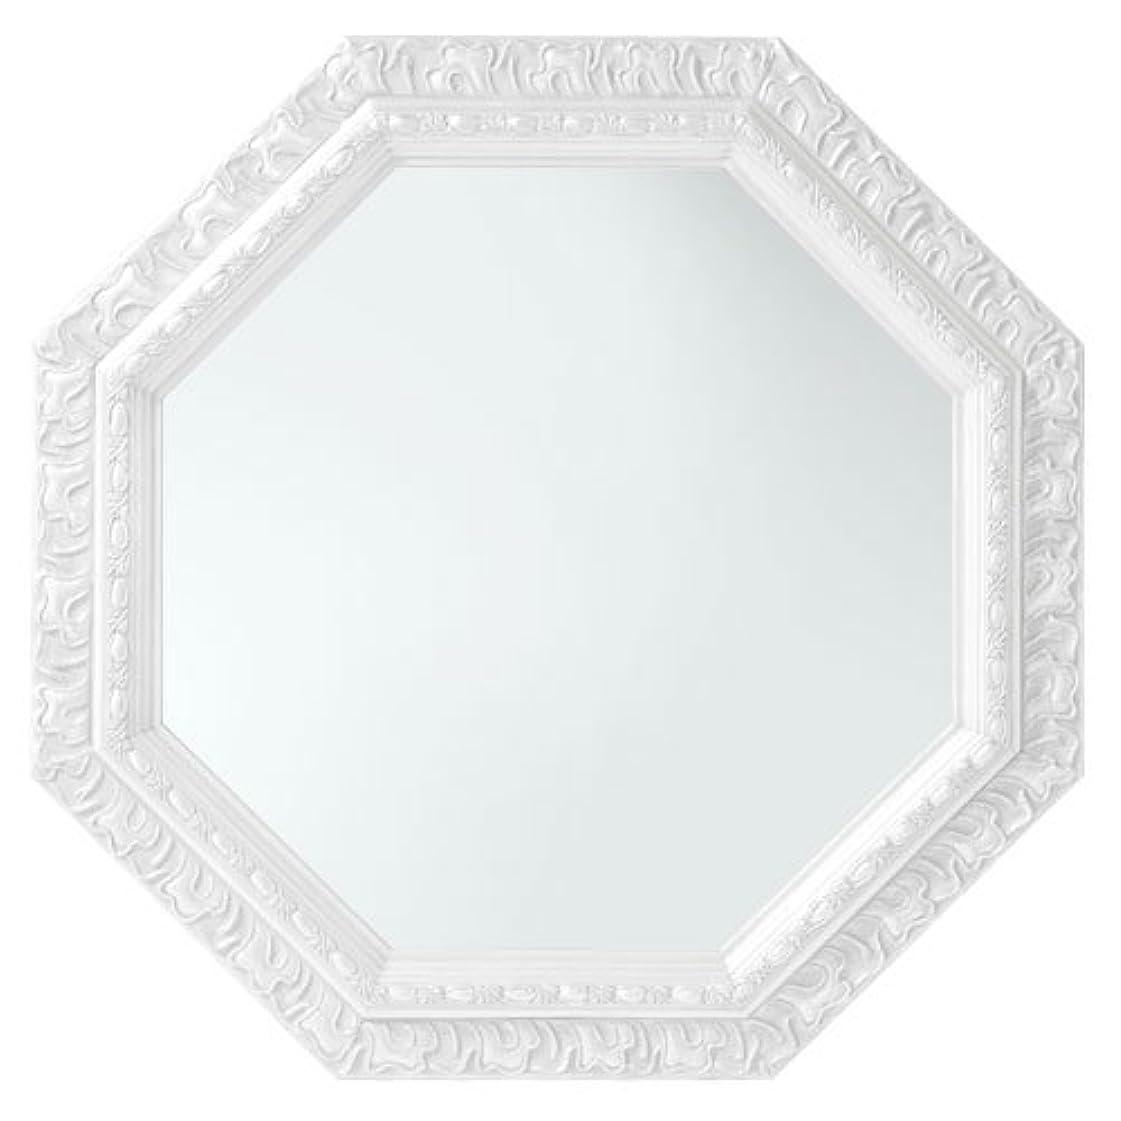 肘マージボトルネックぼん家具 鏡 壁掛け 八角形 ミラー アンティーク調 51.5×51.5cm かがみ ホワイト